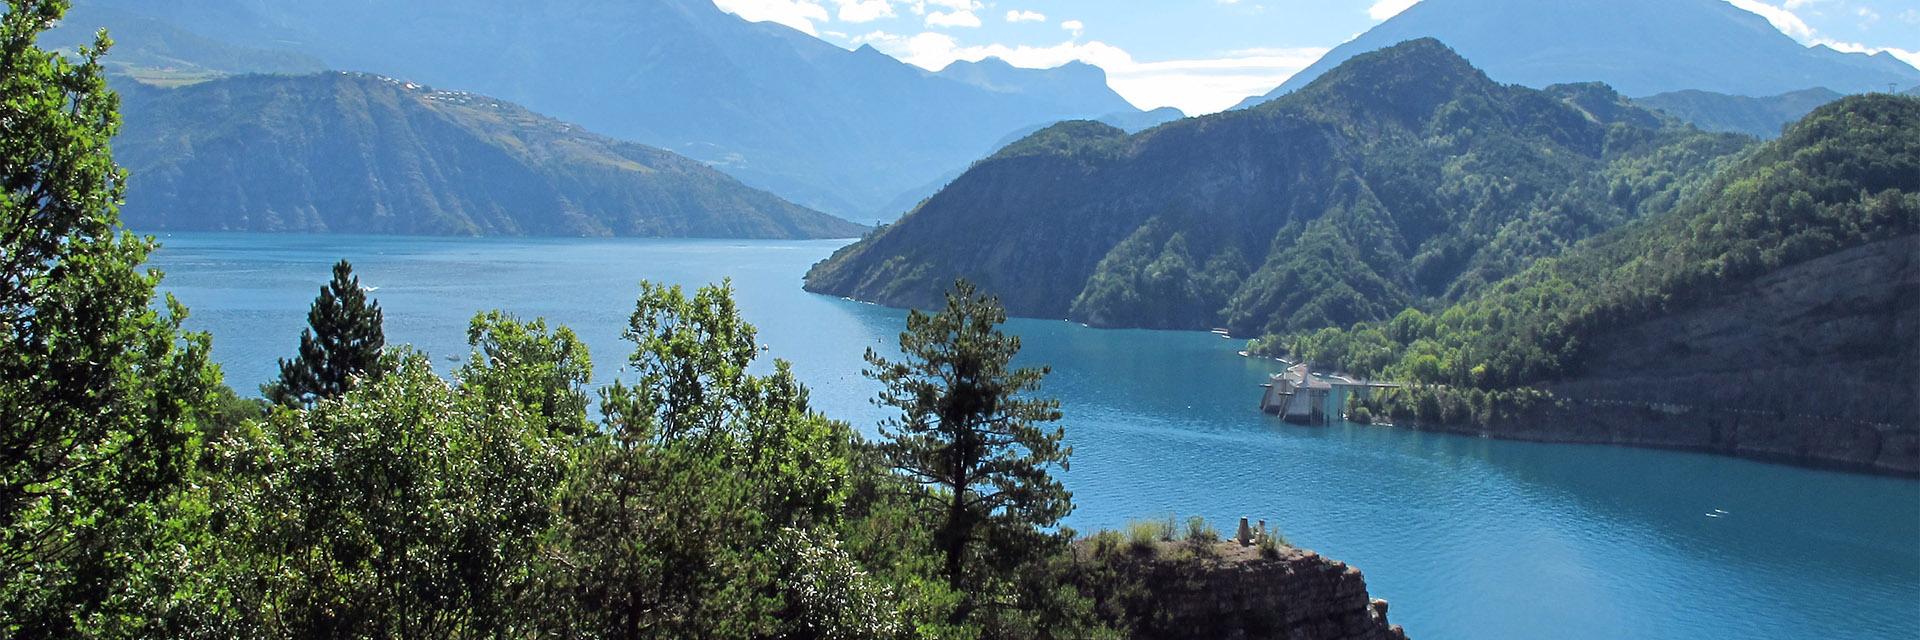 Village_club_vacances_alpes-de-haute-provence_domaine-de-l-Adoux_montagne